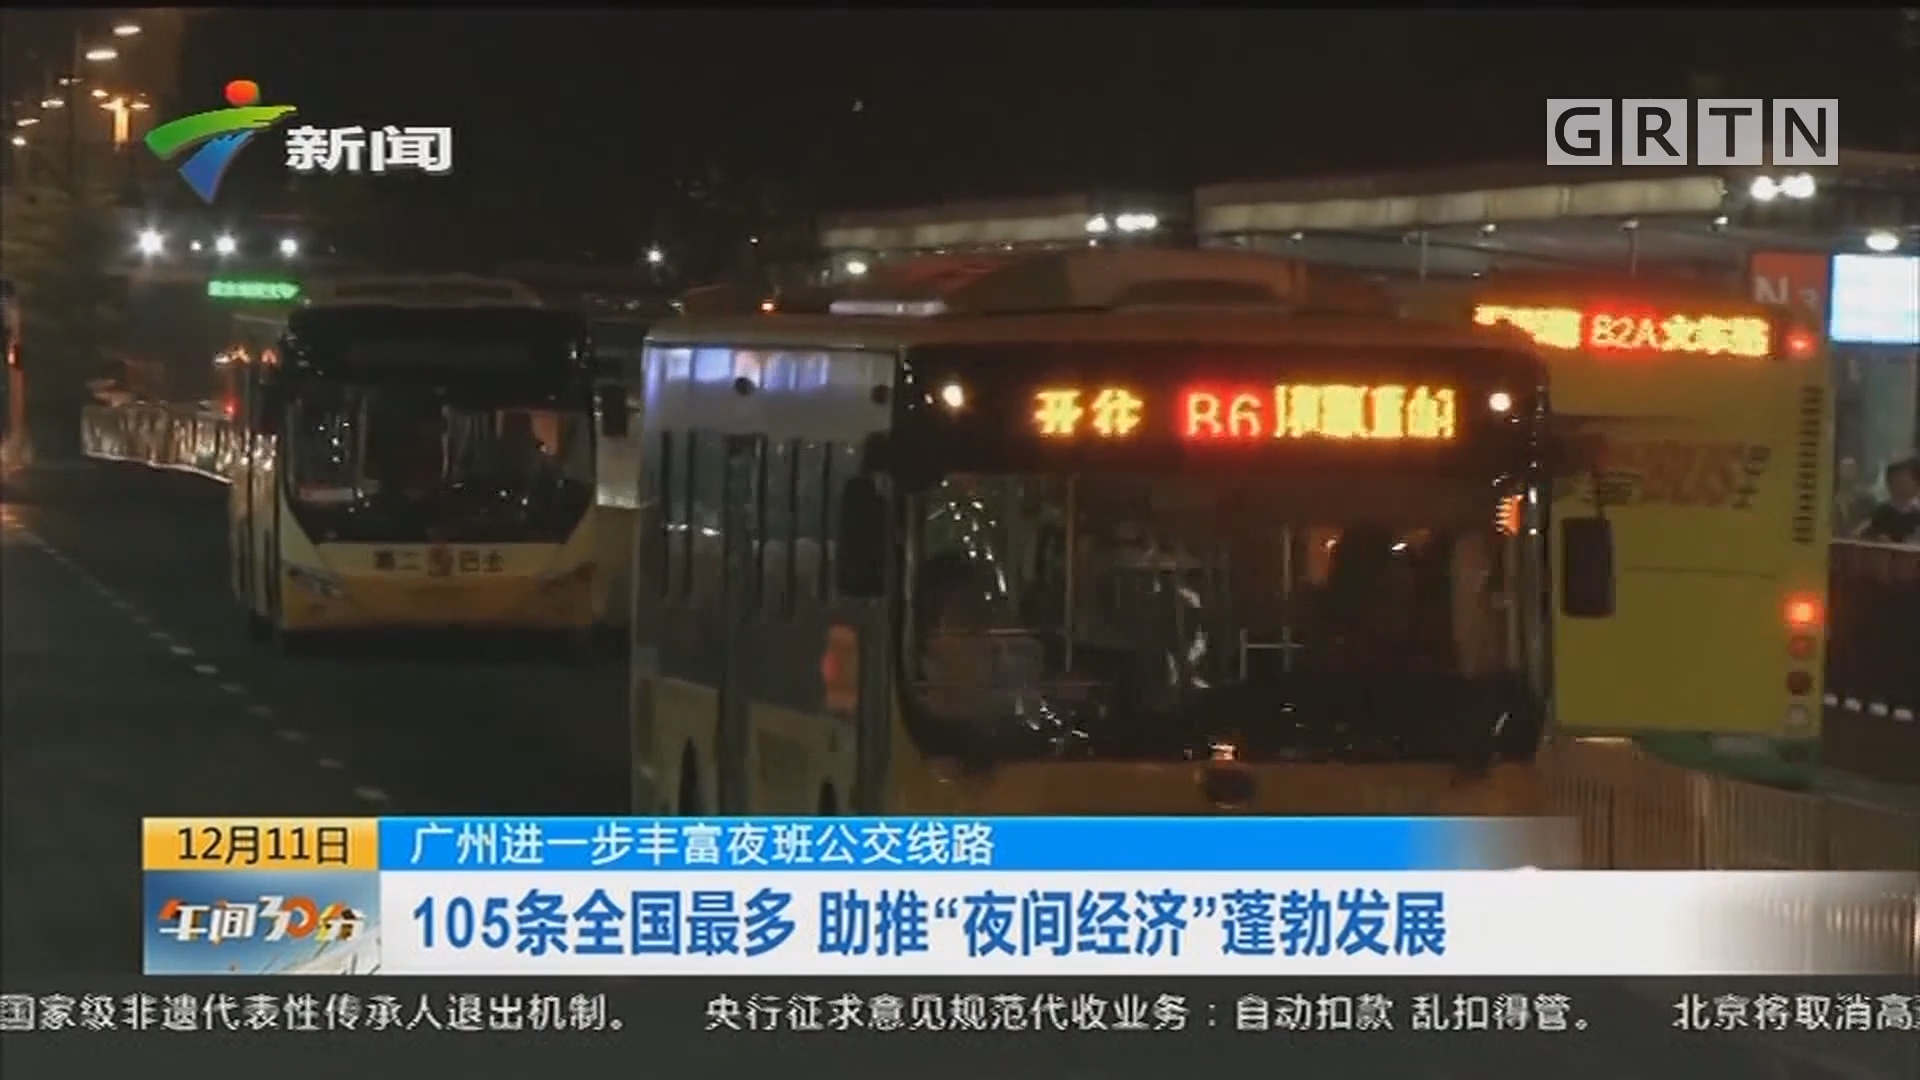 """广州进一步丰富夜班公交线路:105条全国最多 助推""""夜间经济""""蓬勃发展"""